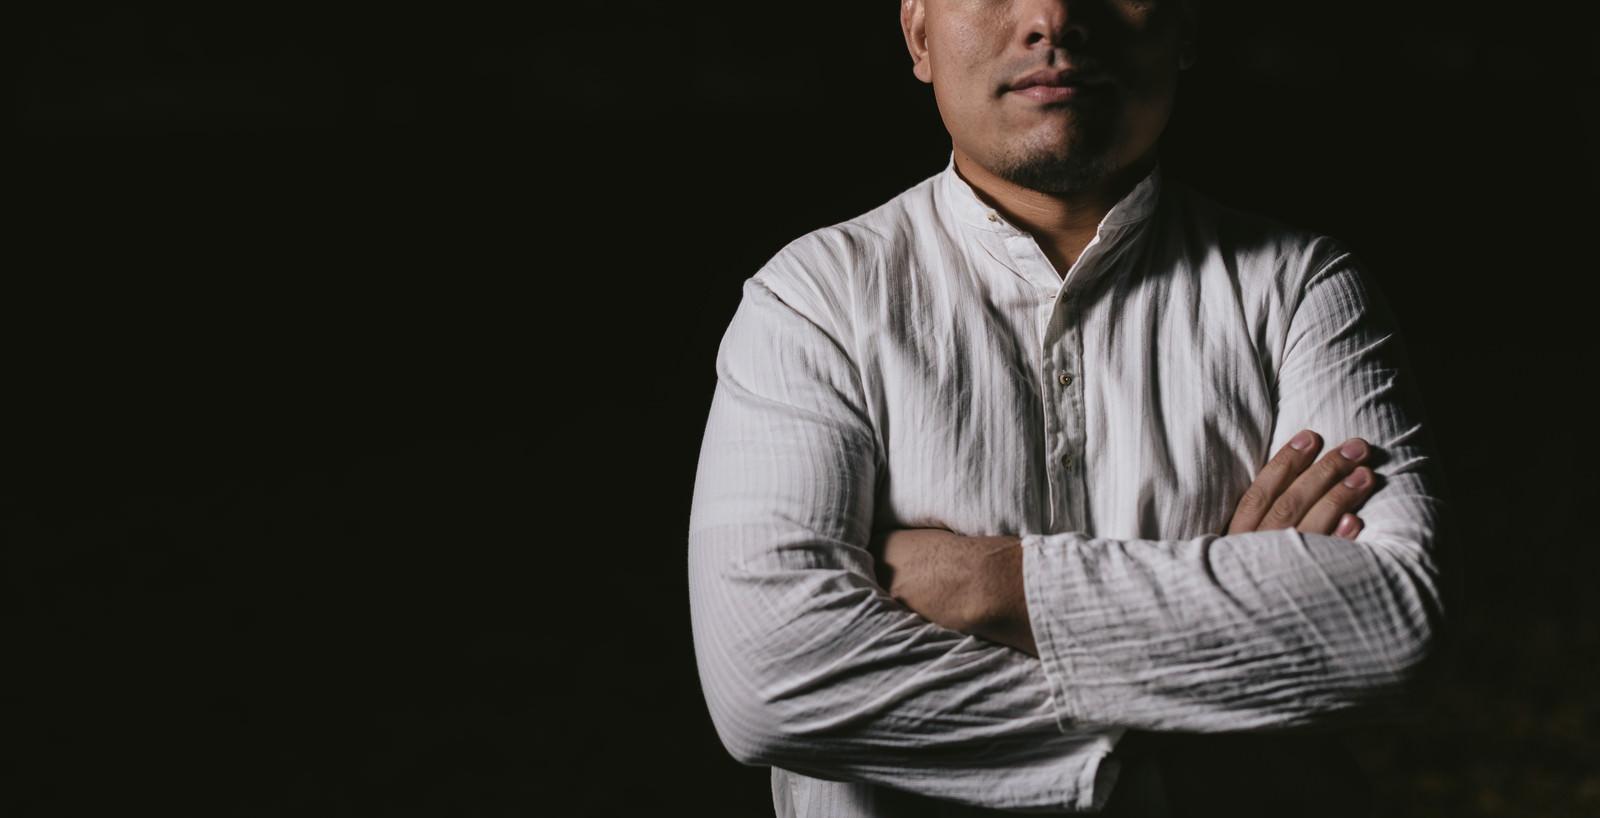 「暗闇の中、立ちはだかる男性」の写真